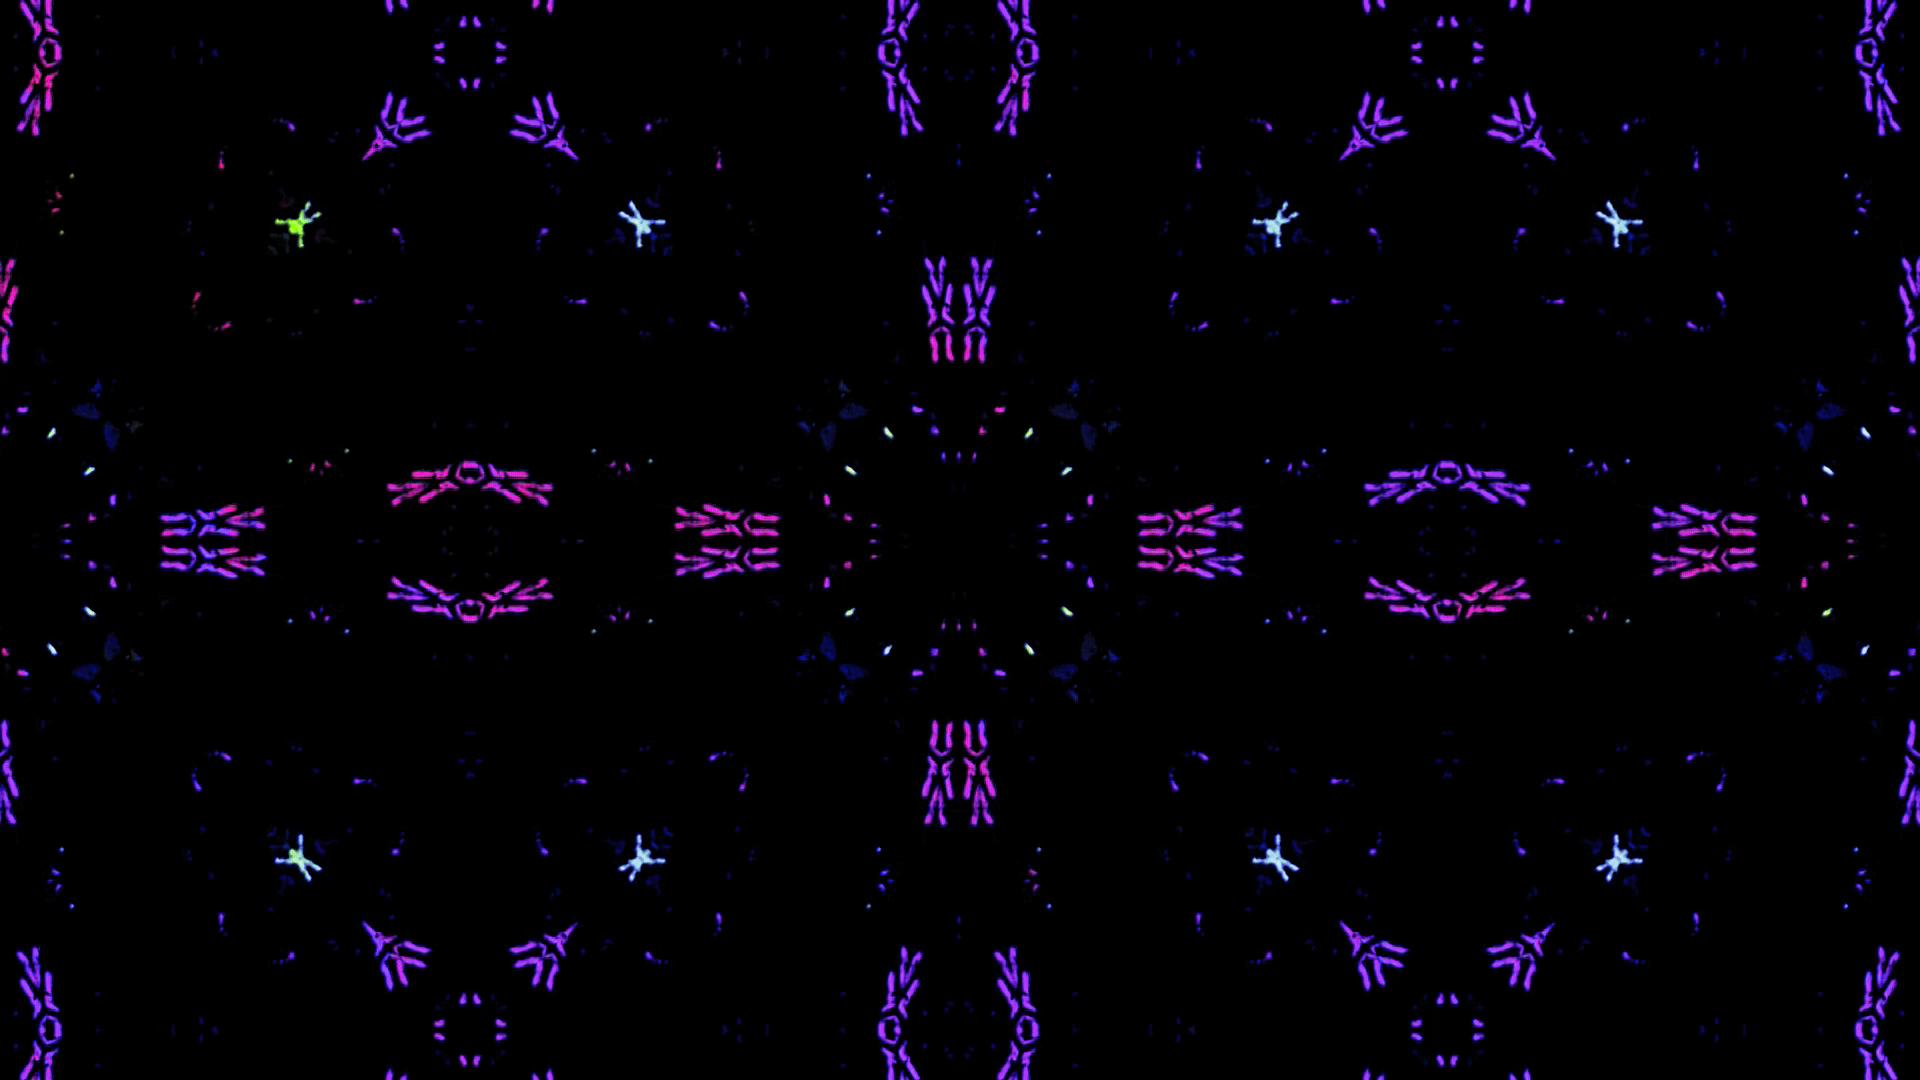 beads-2-andrew-rosinski-6